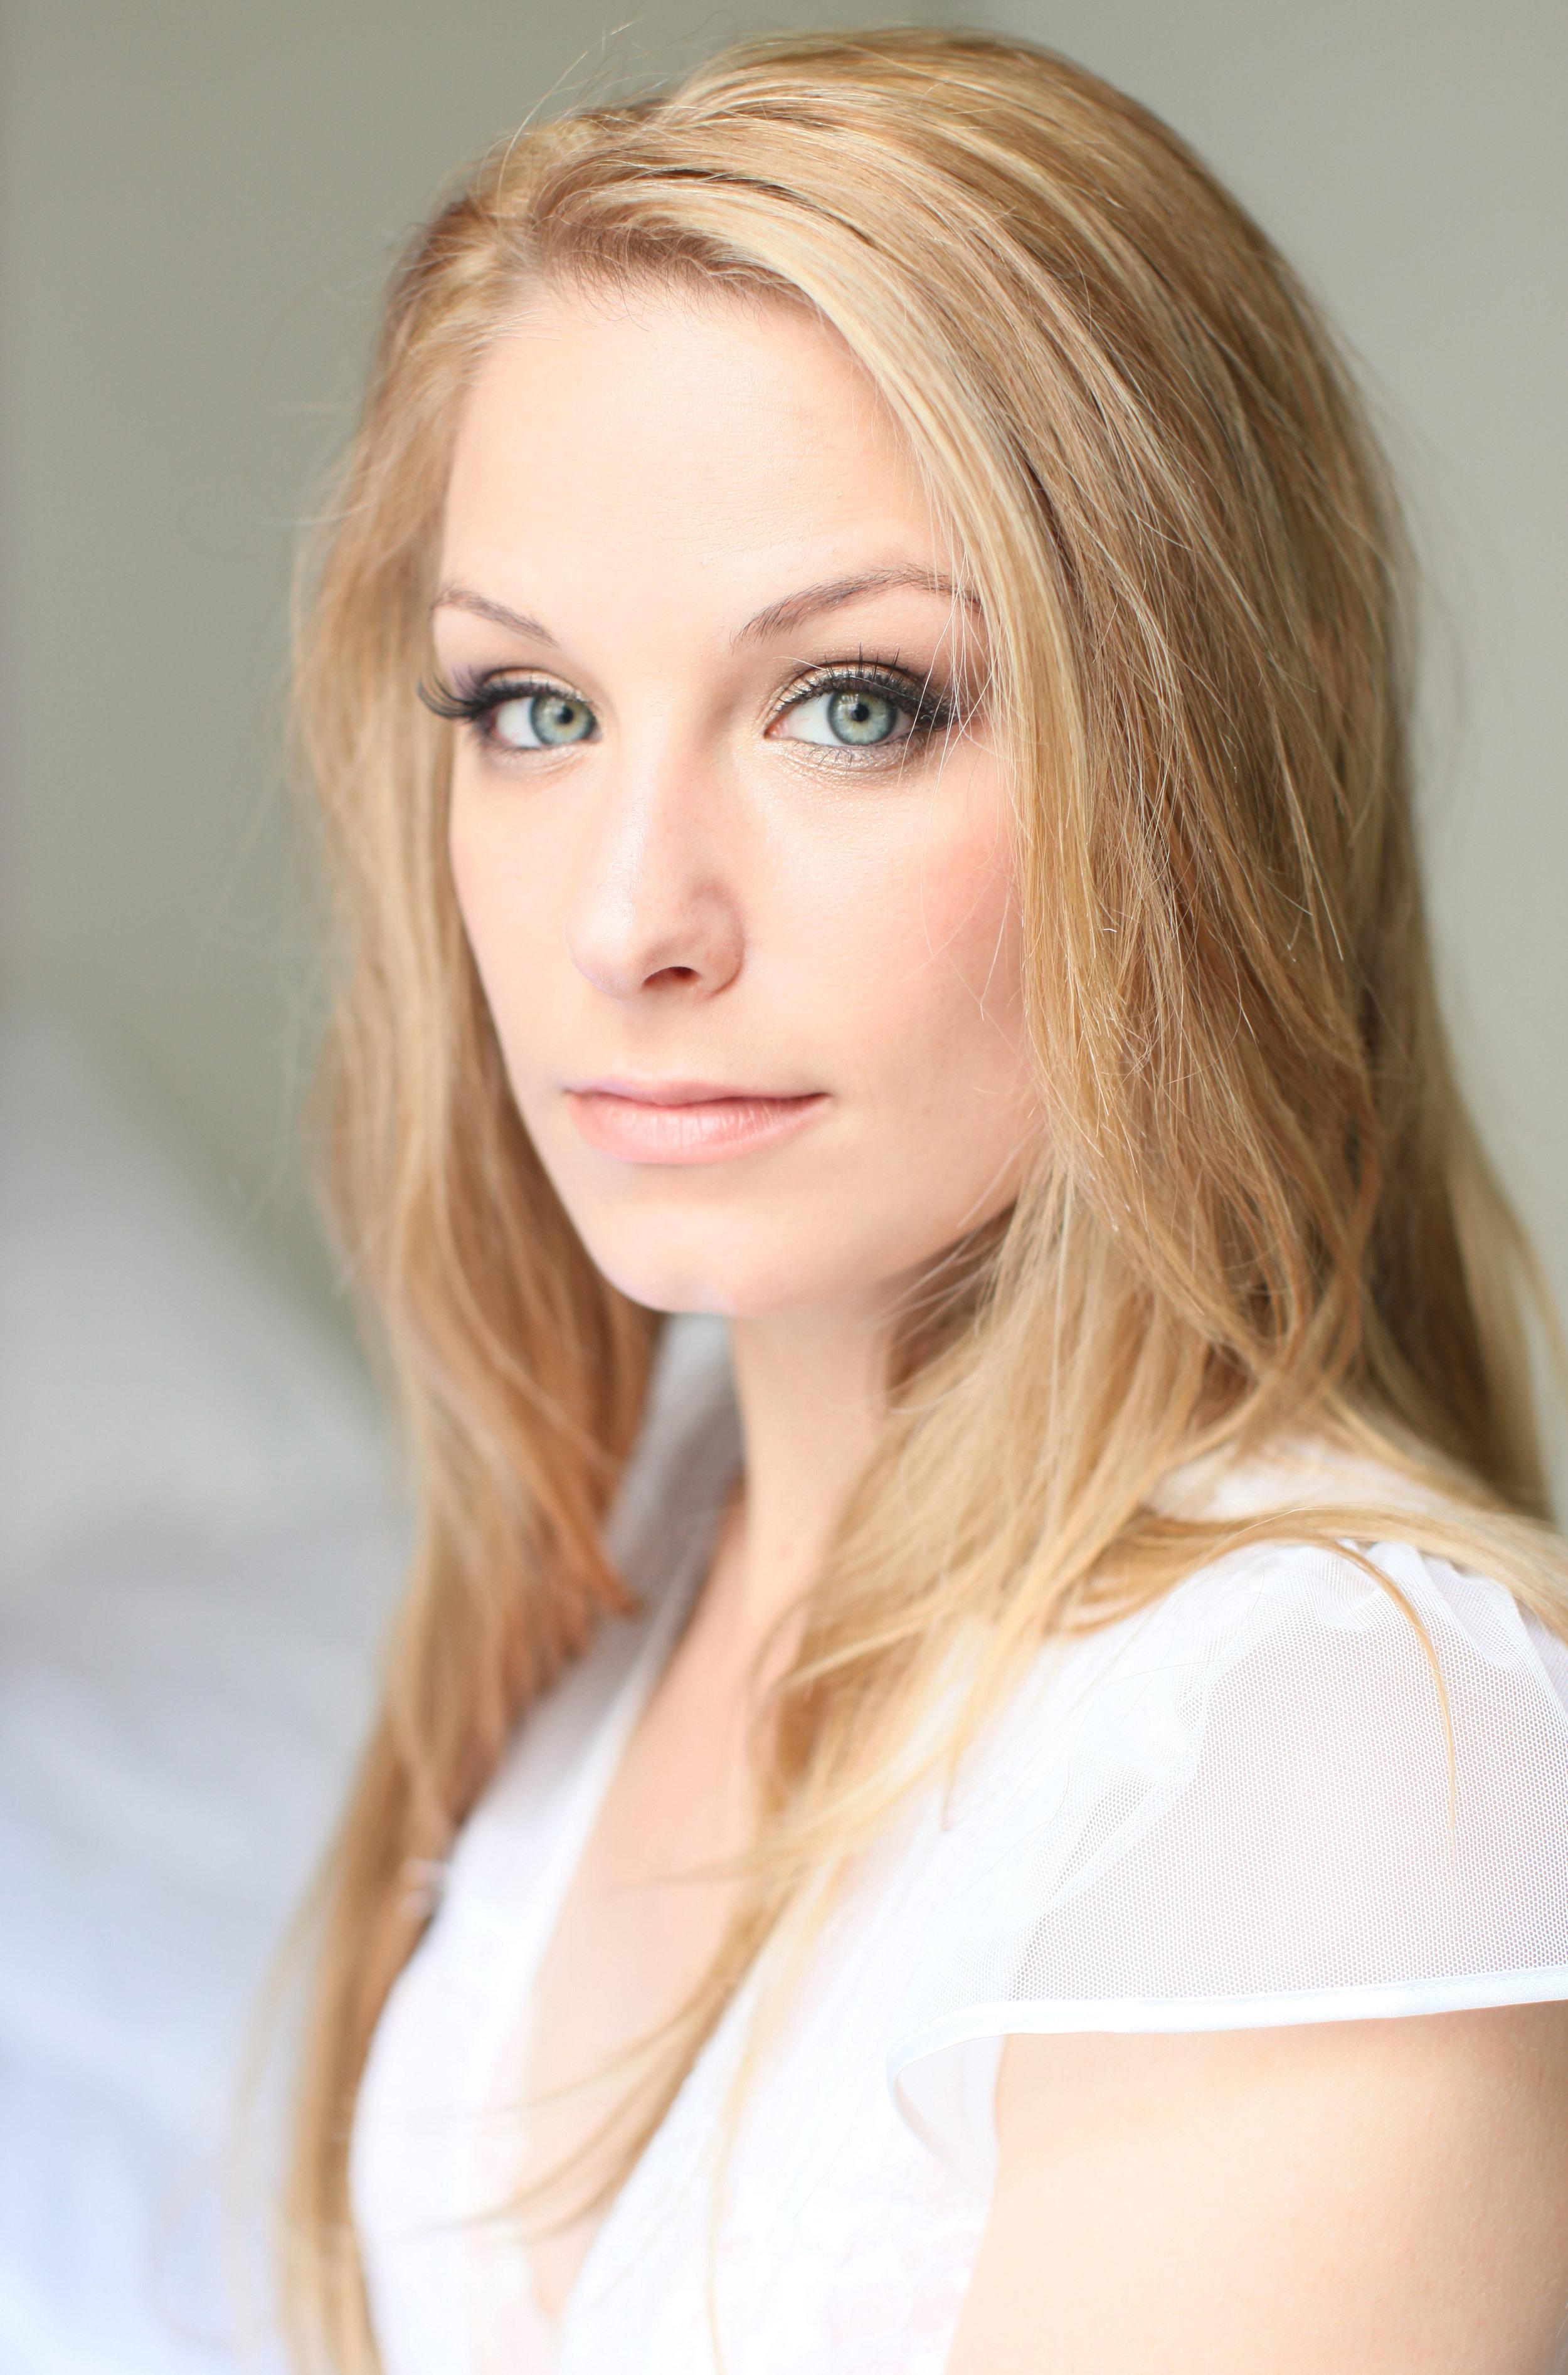 Tricia-Bennett-makeup15.jpg